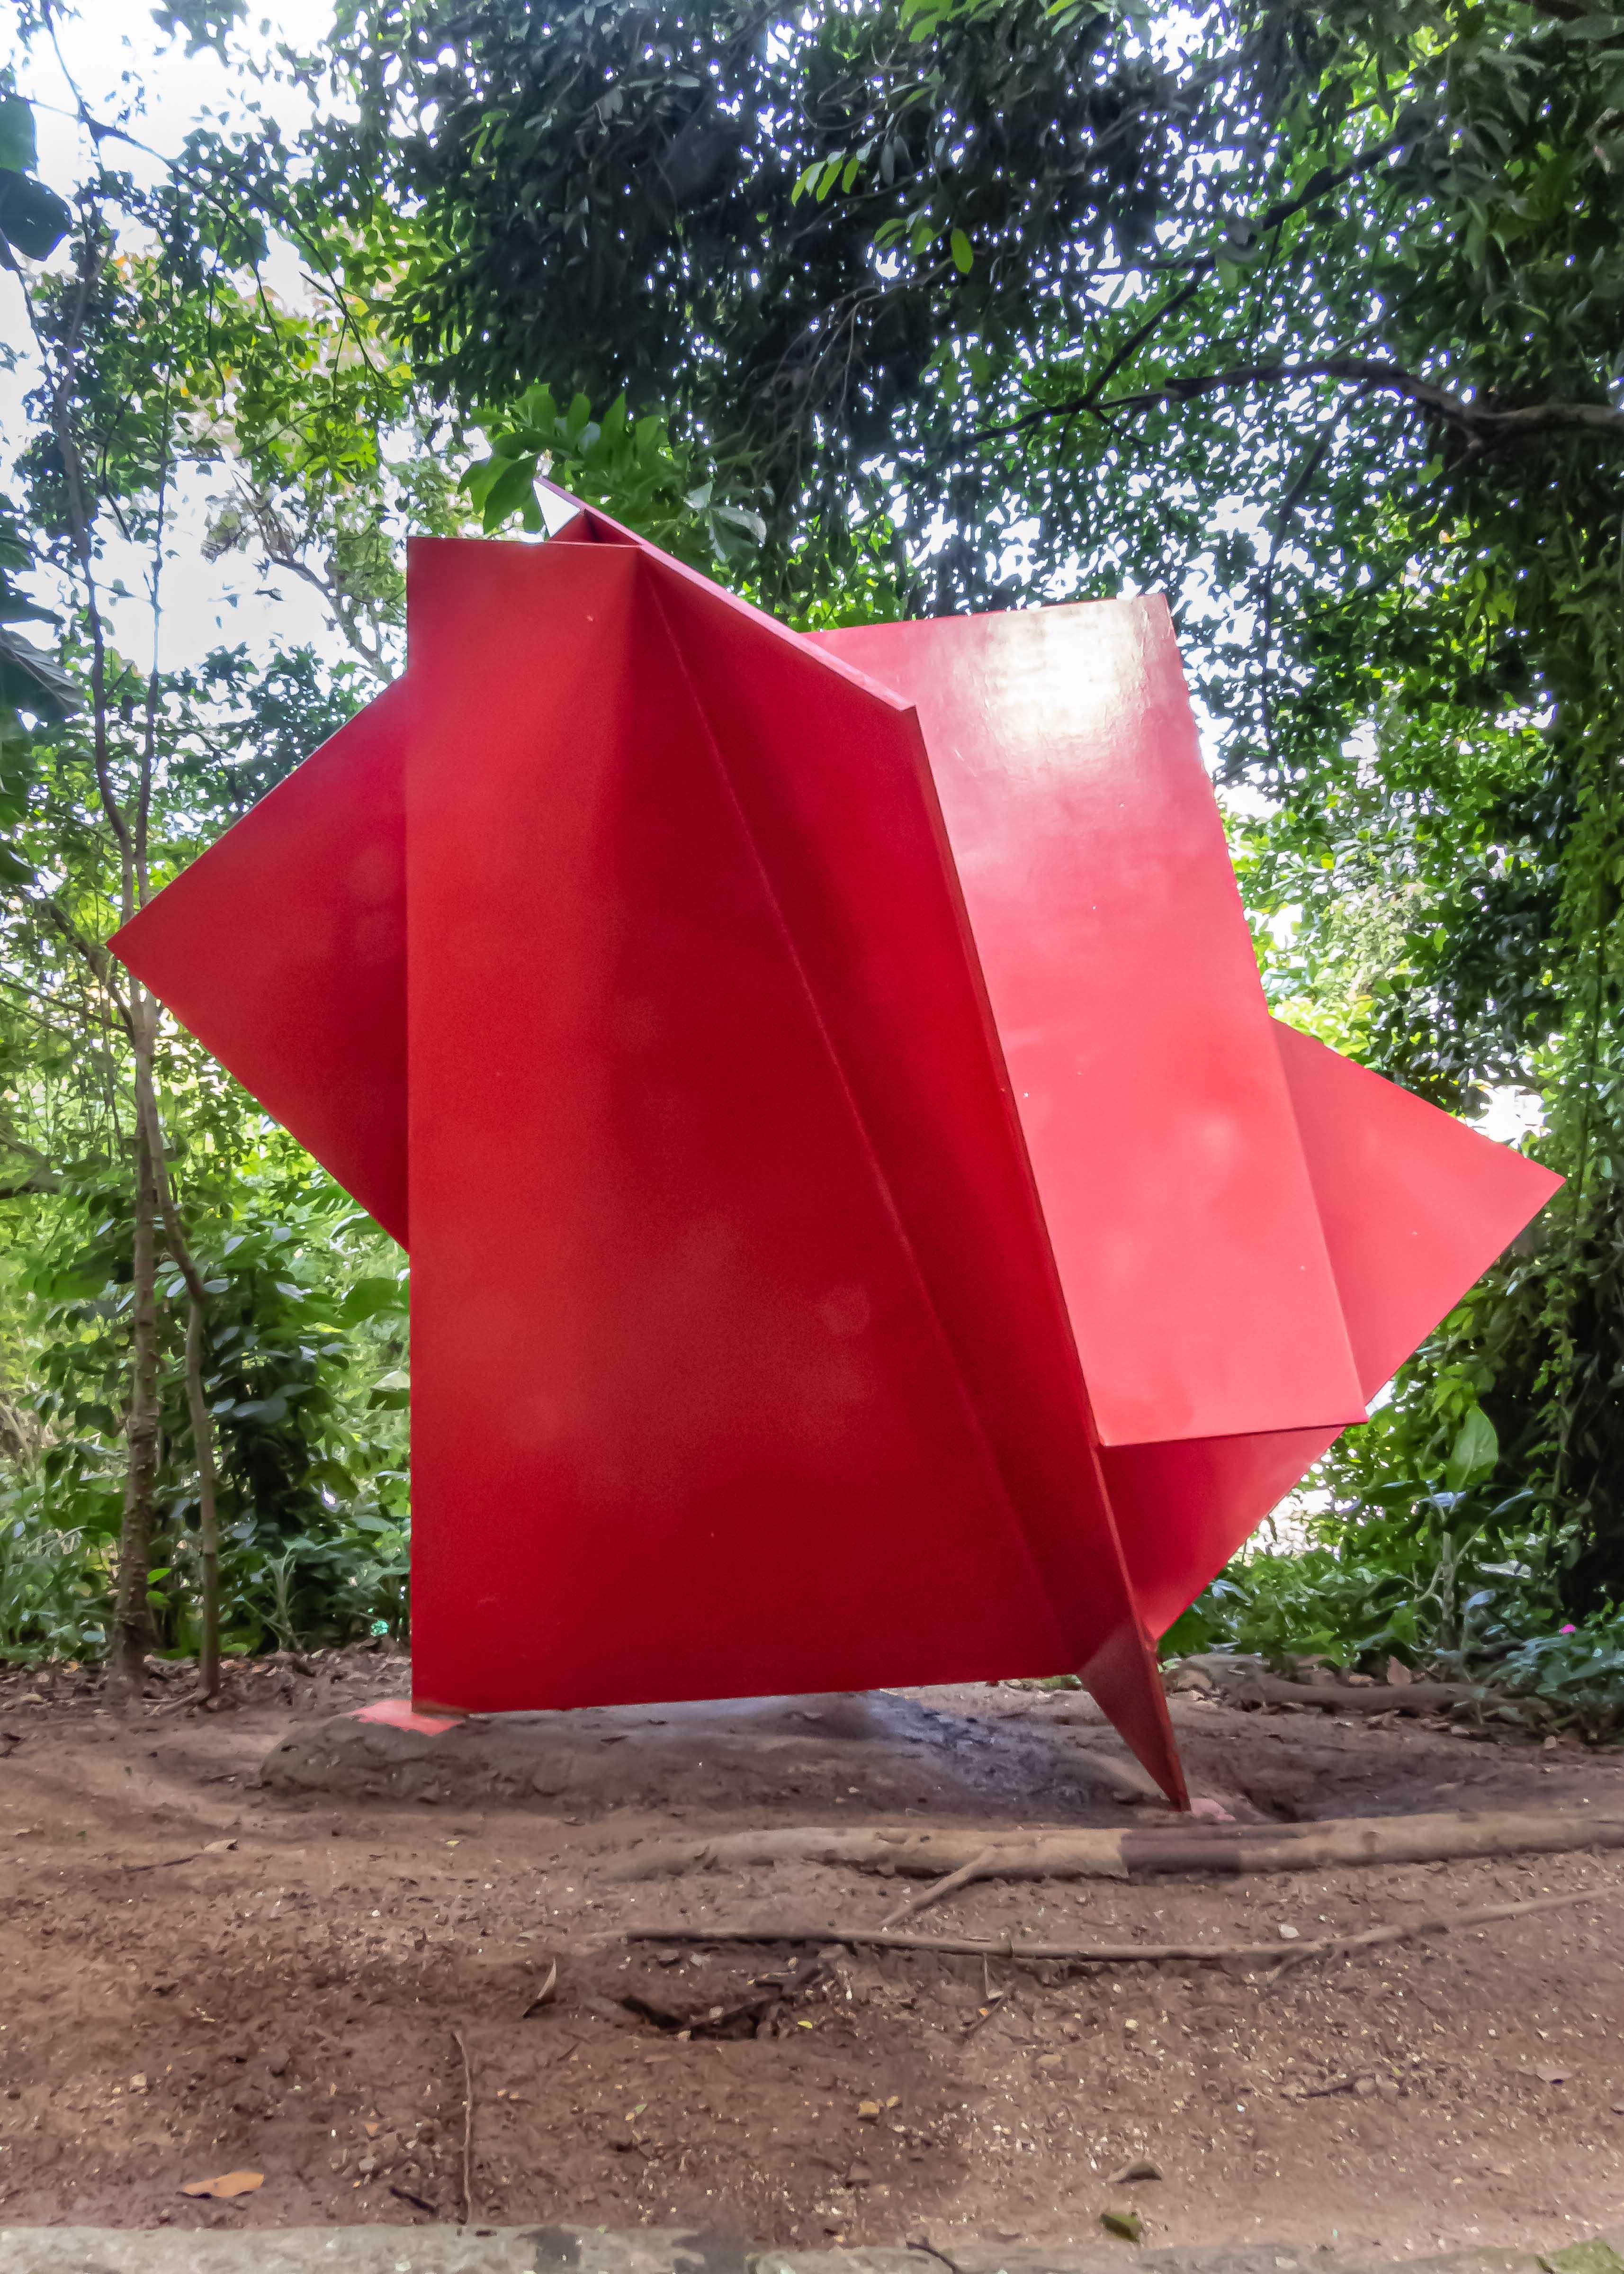 Escultura em formato gigante, com placas vermelhas, num fundo com muitas árvores